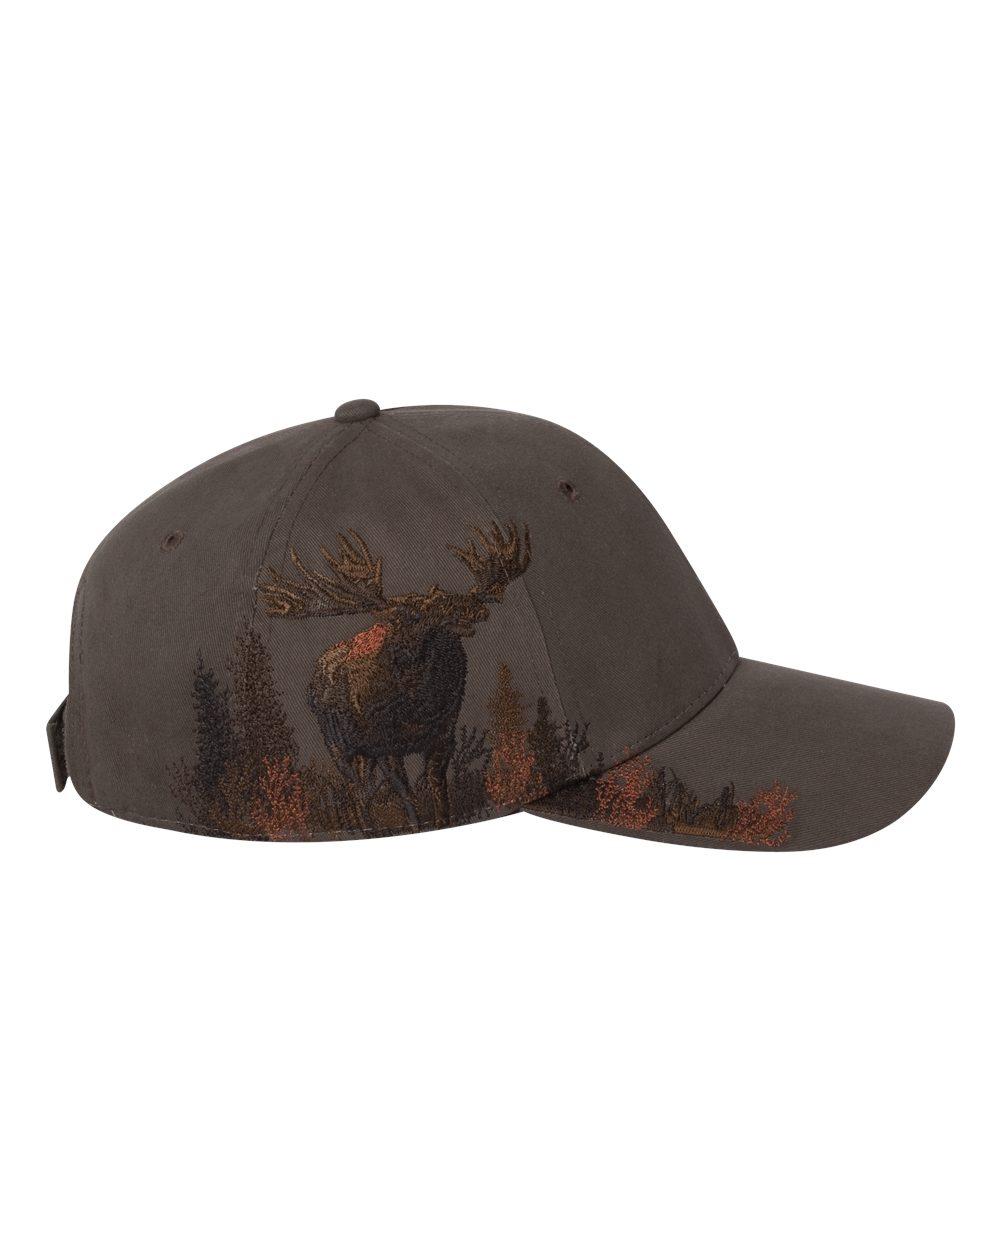 DRI DUCK Wildlife Series Moose Cap - 3295